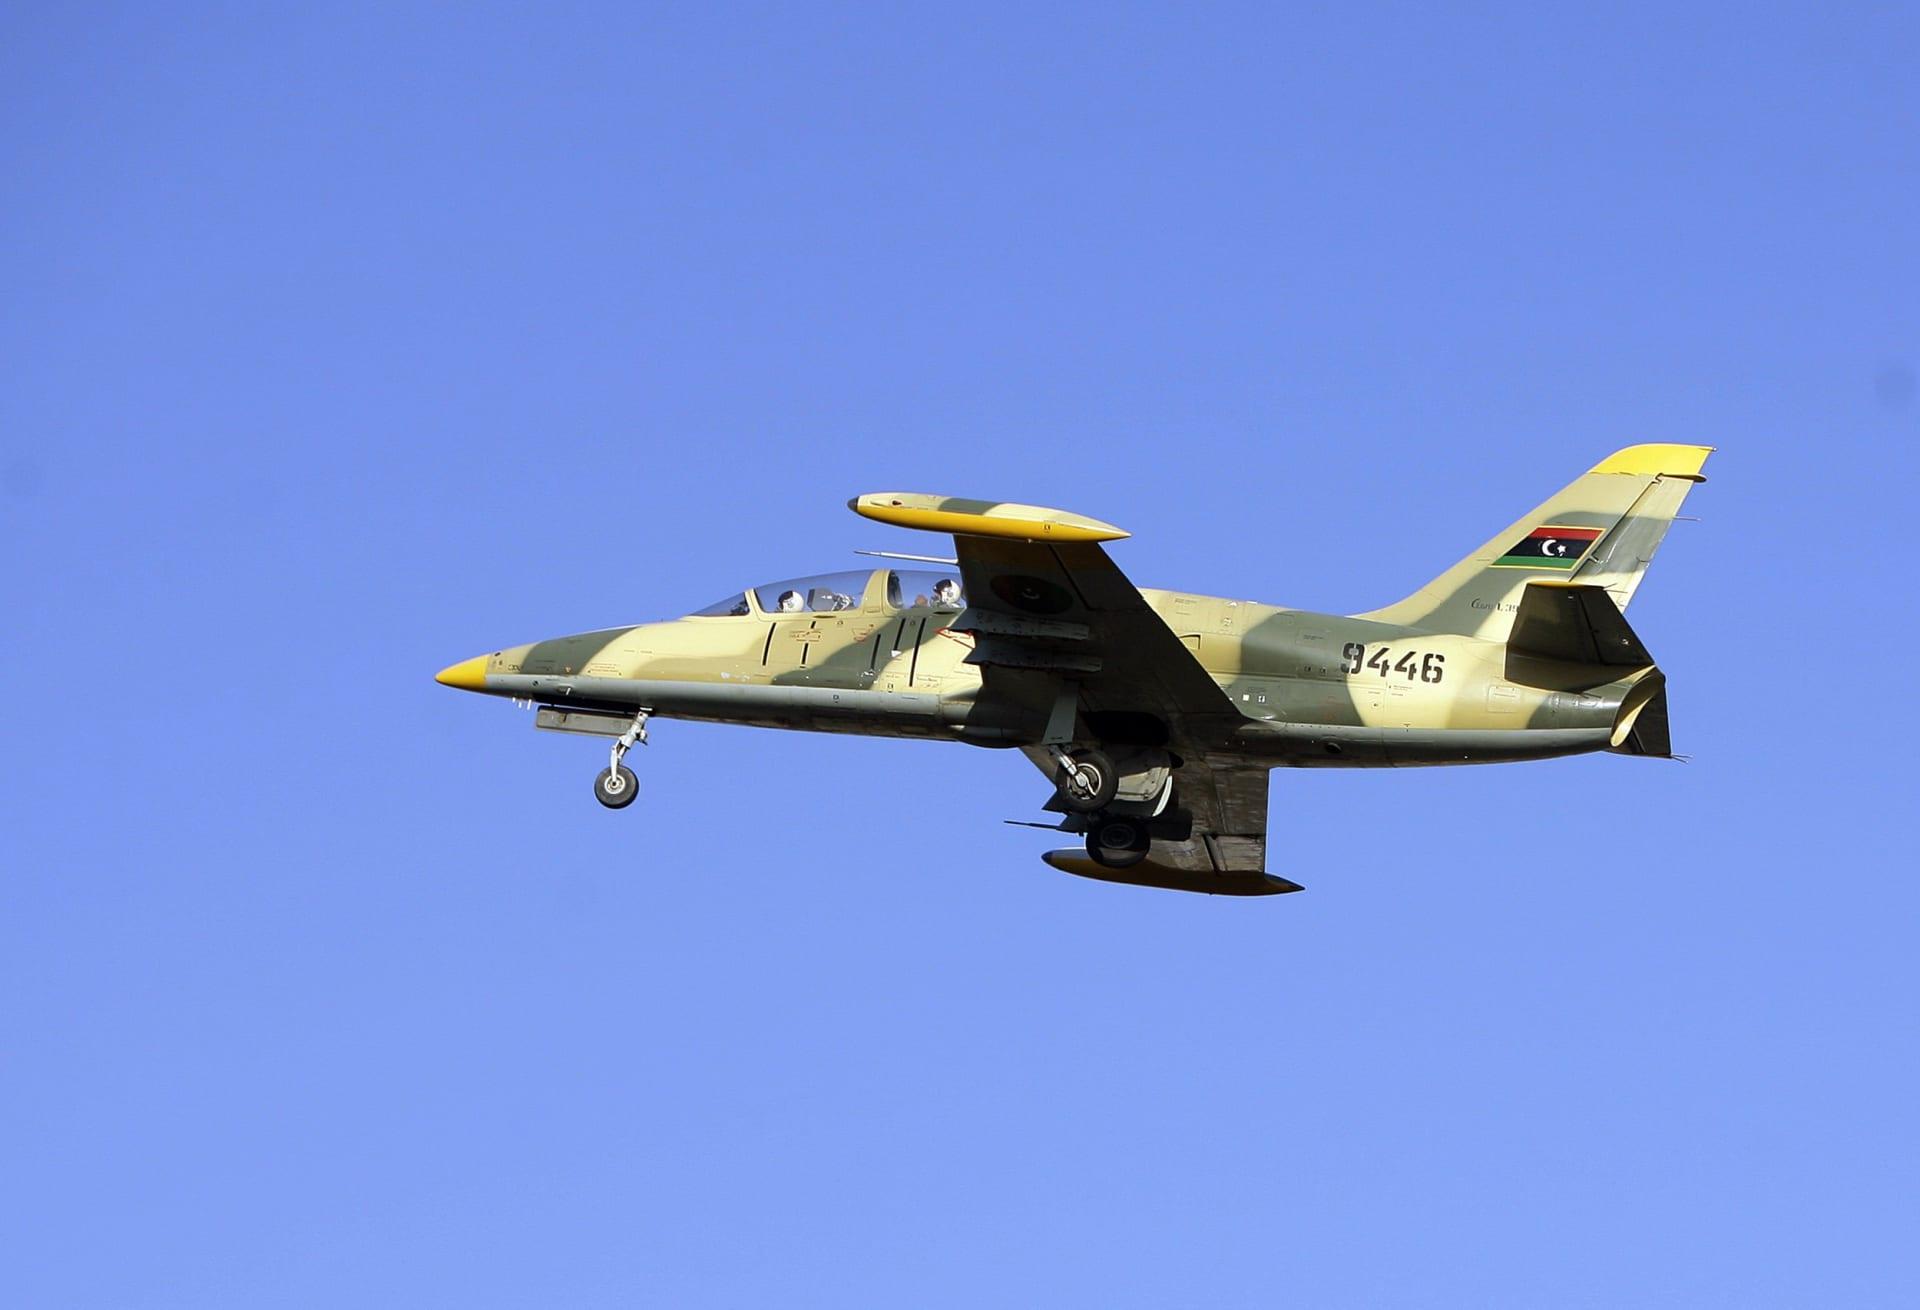 ليبيا: استنفار الجيش ومقاتلات تشتبك مع أهداف بالجنوب